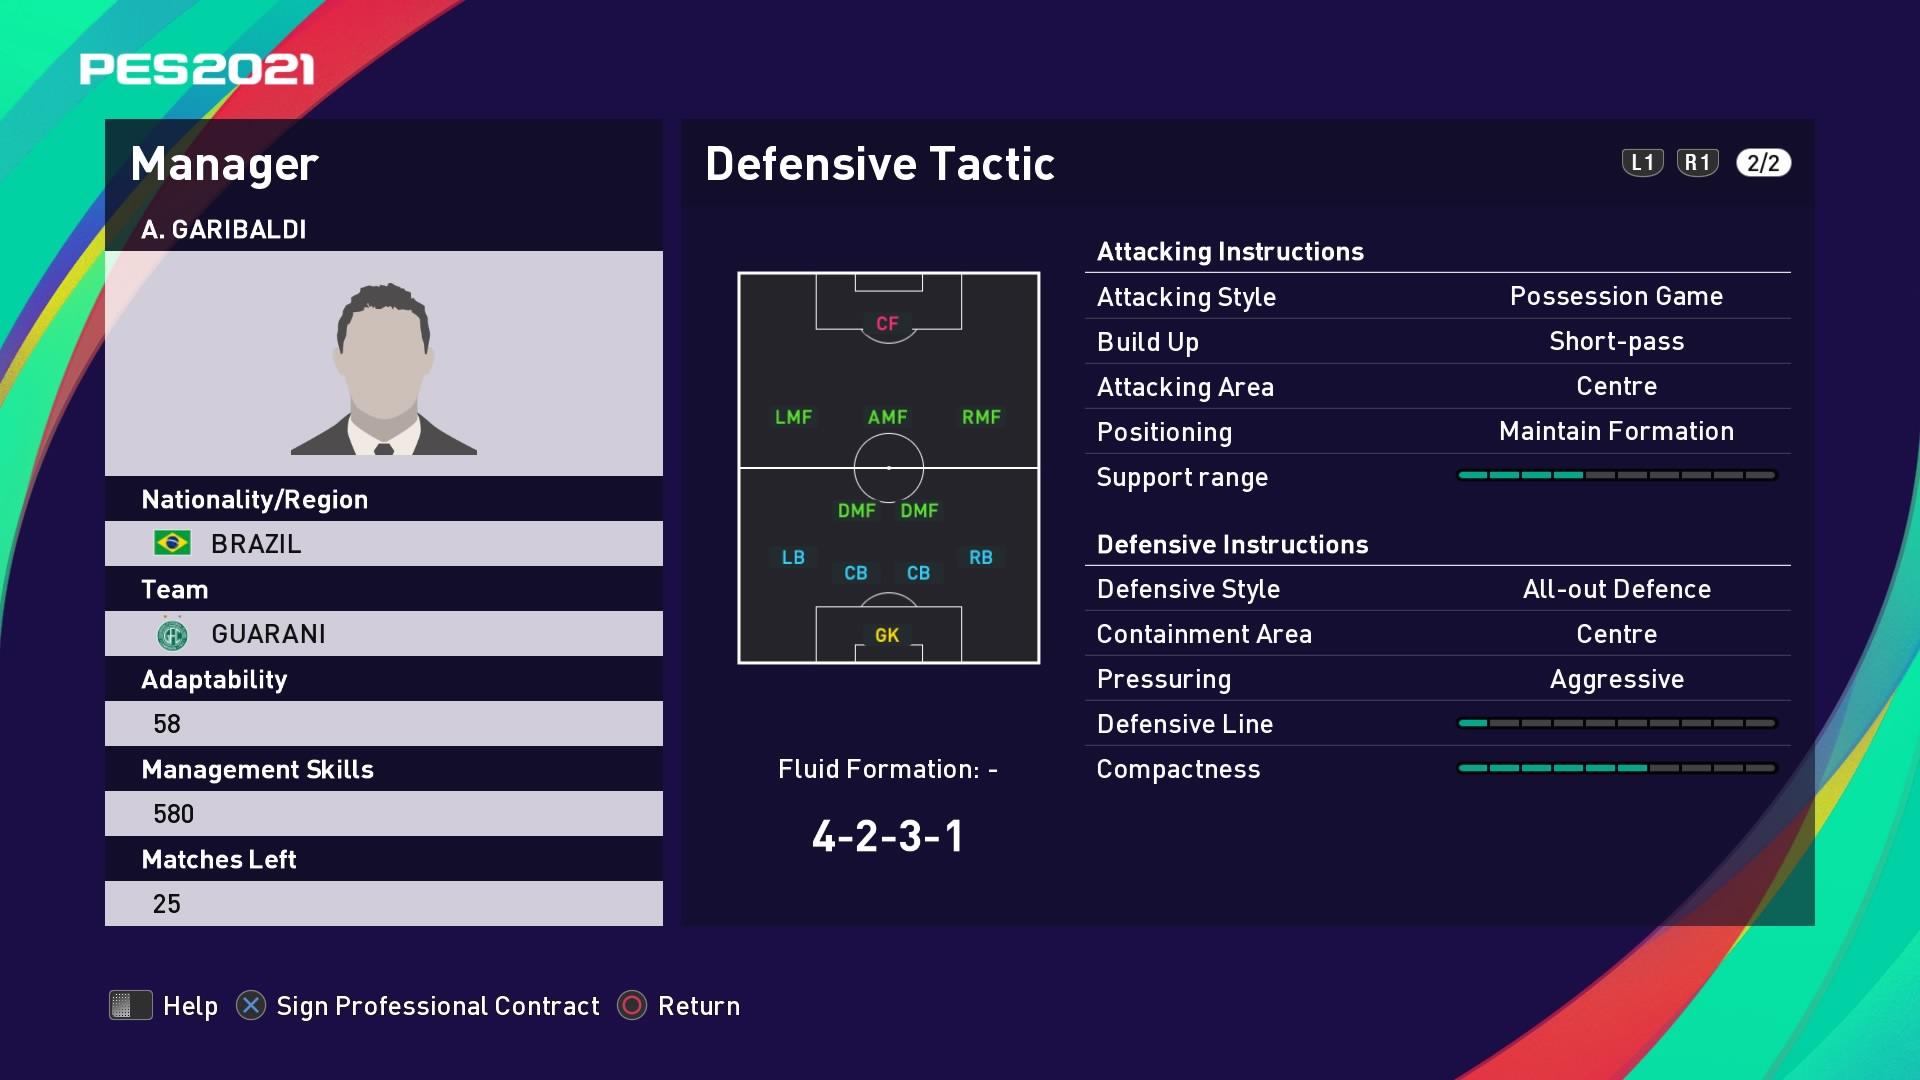 A. Garibaldi (Thiago Carpini) Defensive Tactic in PES 2021 myClub